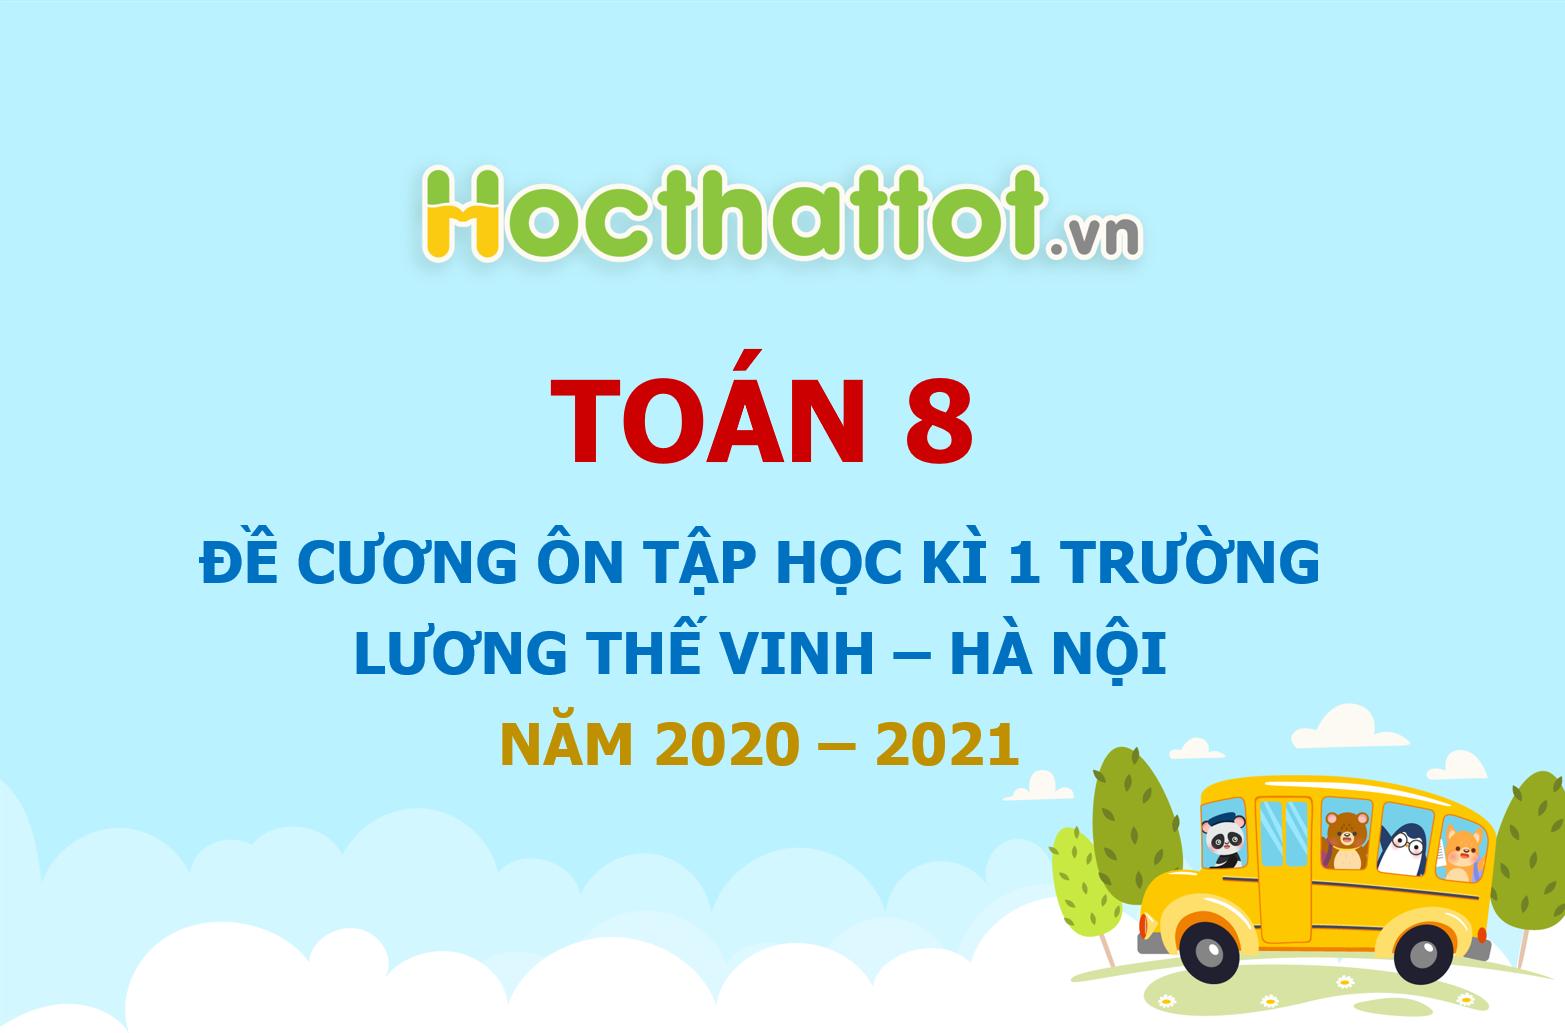 de-cuong-on-tap-hoc-ki-1-toan-8-nam-2020-2021-truong-luong-the-vinh-ha-noi